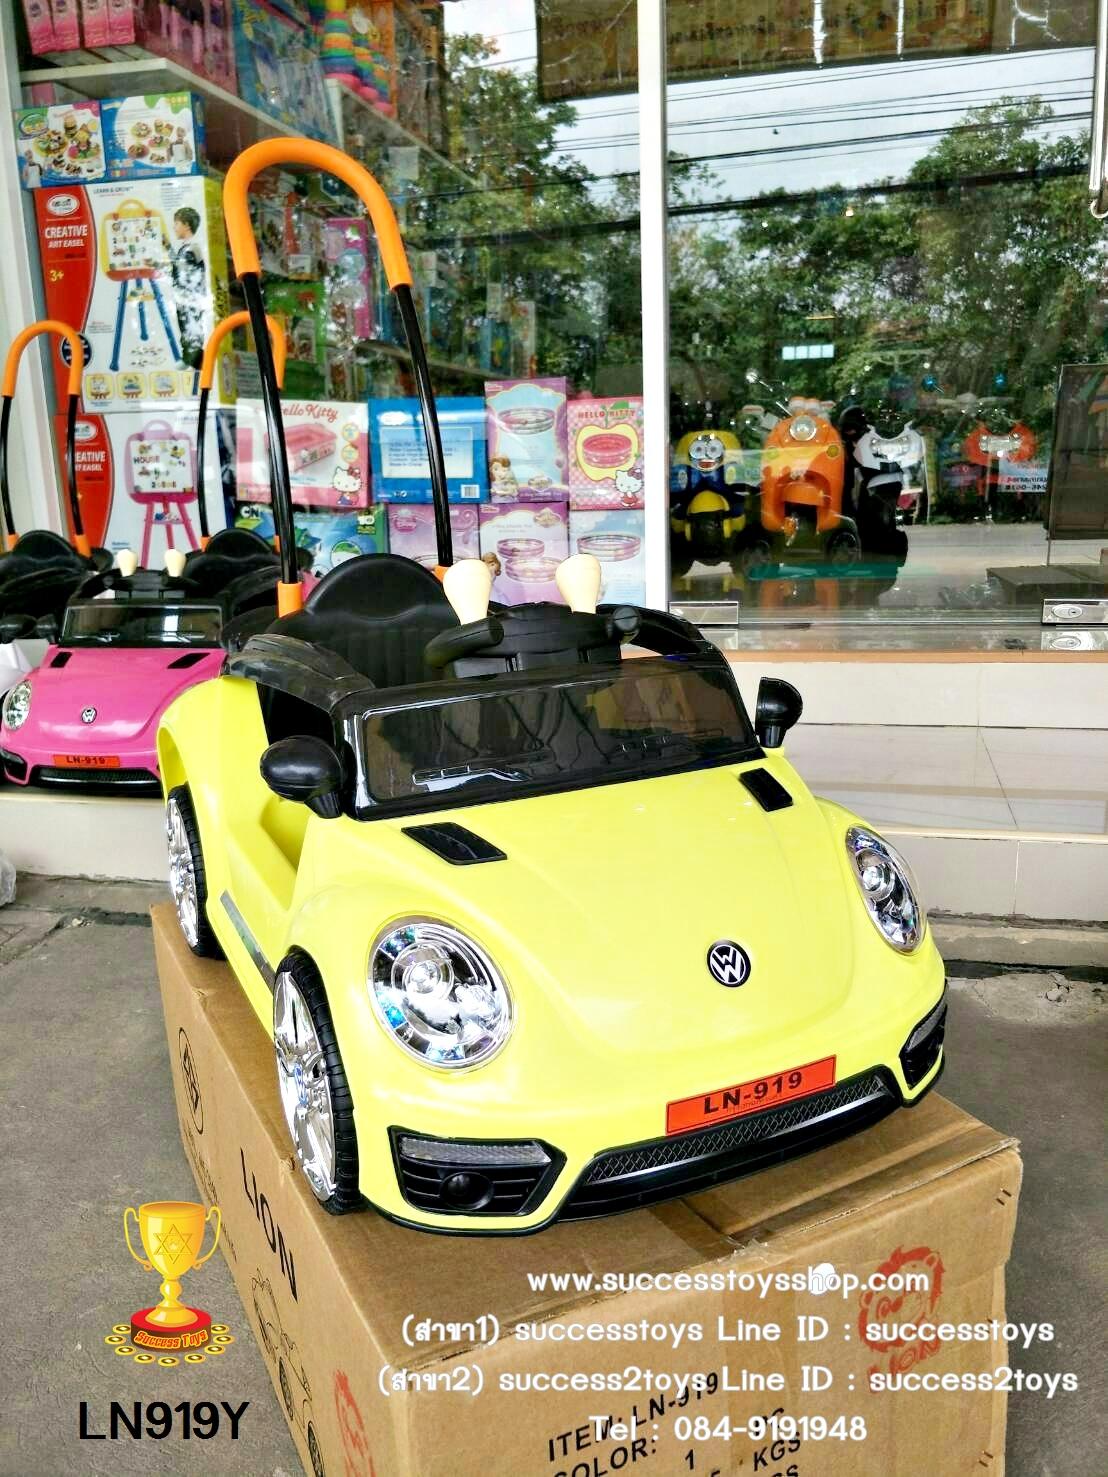 รถโฟลค์โยกได้+มีด้ามเข็น+มีรีโมทบังคับสีเหลือง